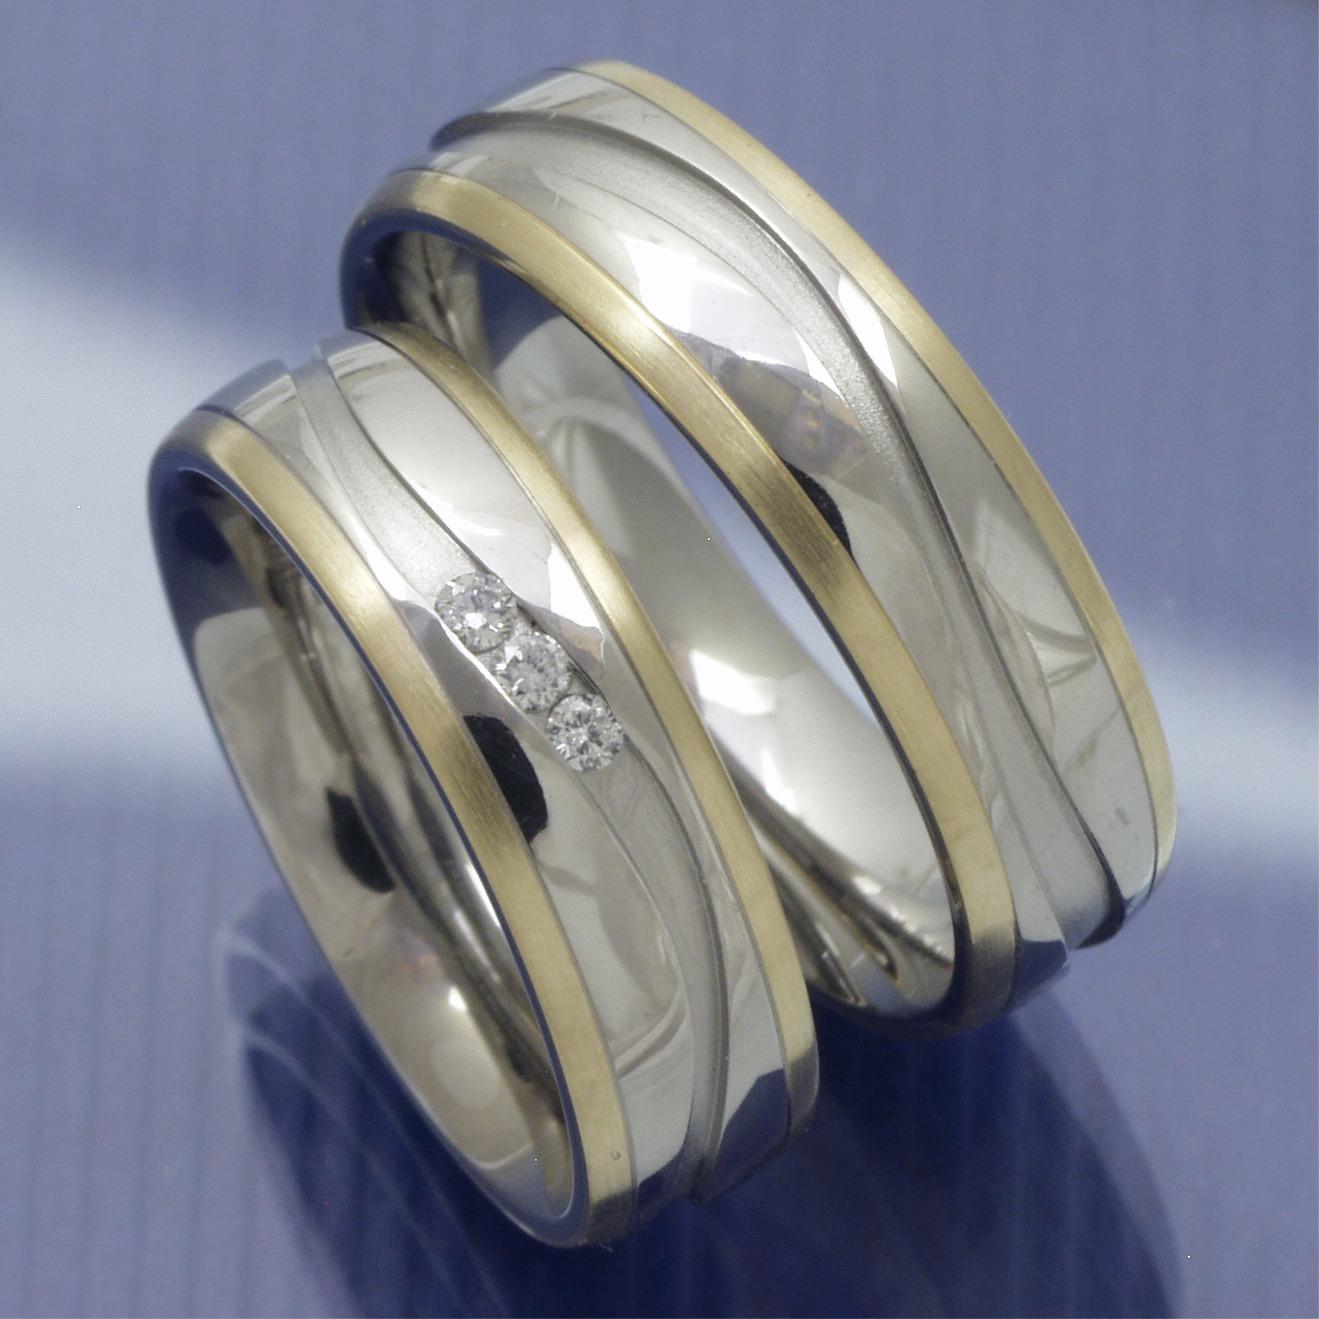 ... Trauringe Stahl Gold » Edelstahl Gold Trauringe - Steel/Gold P3172347